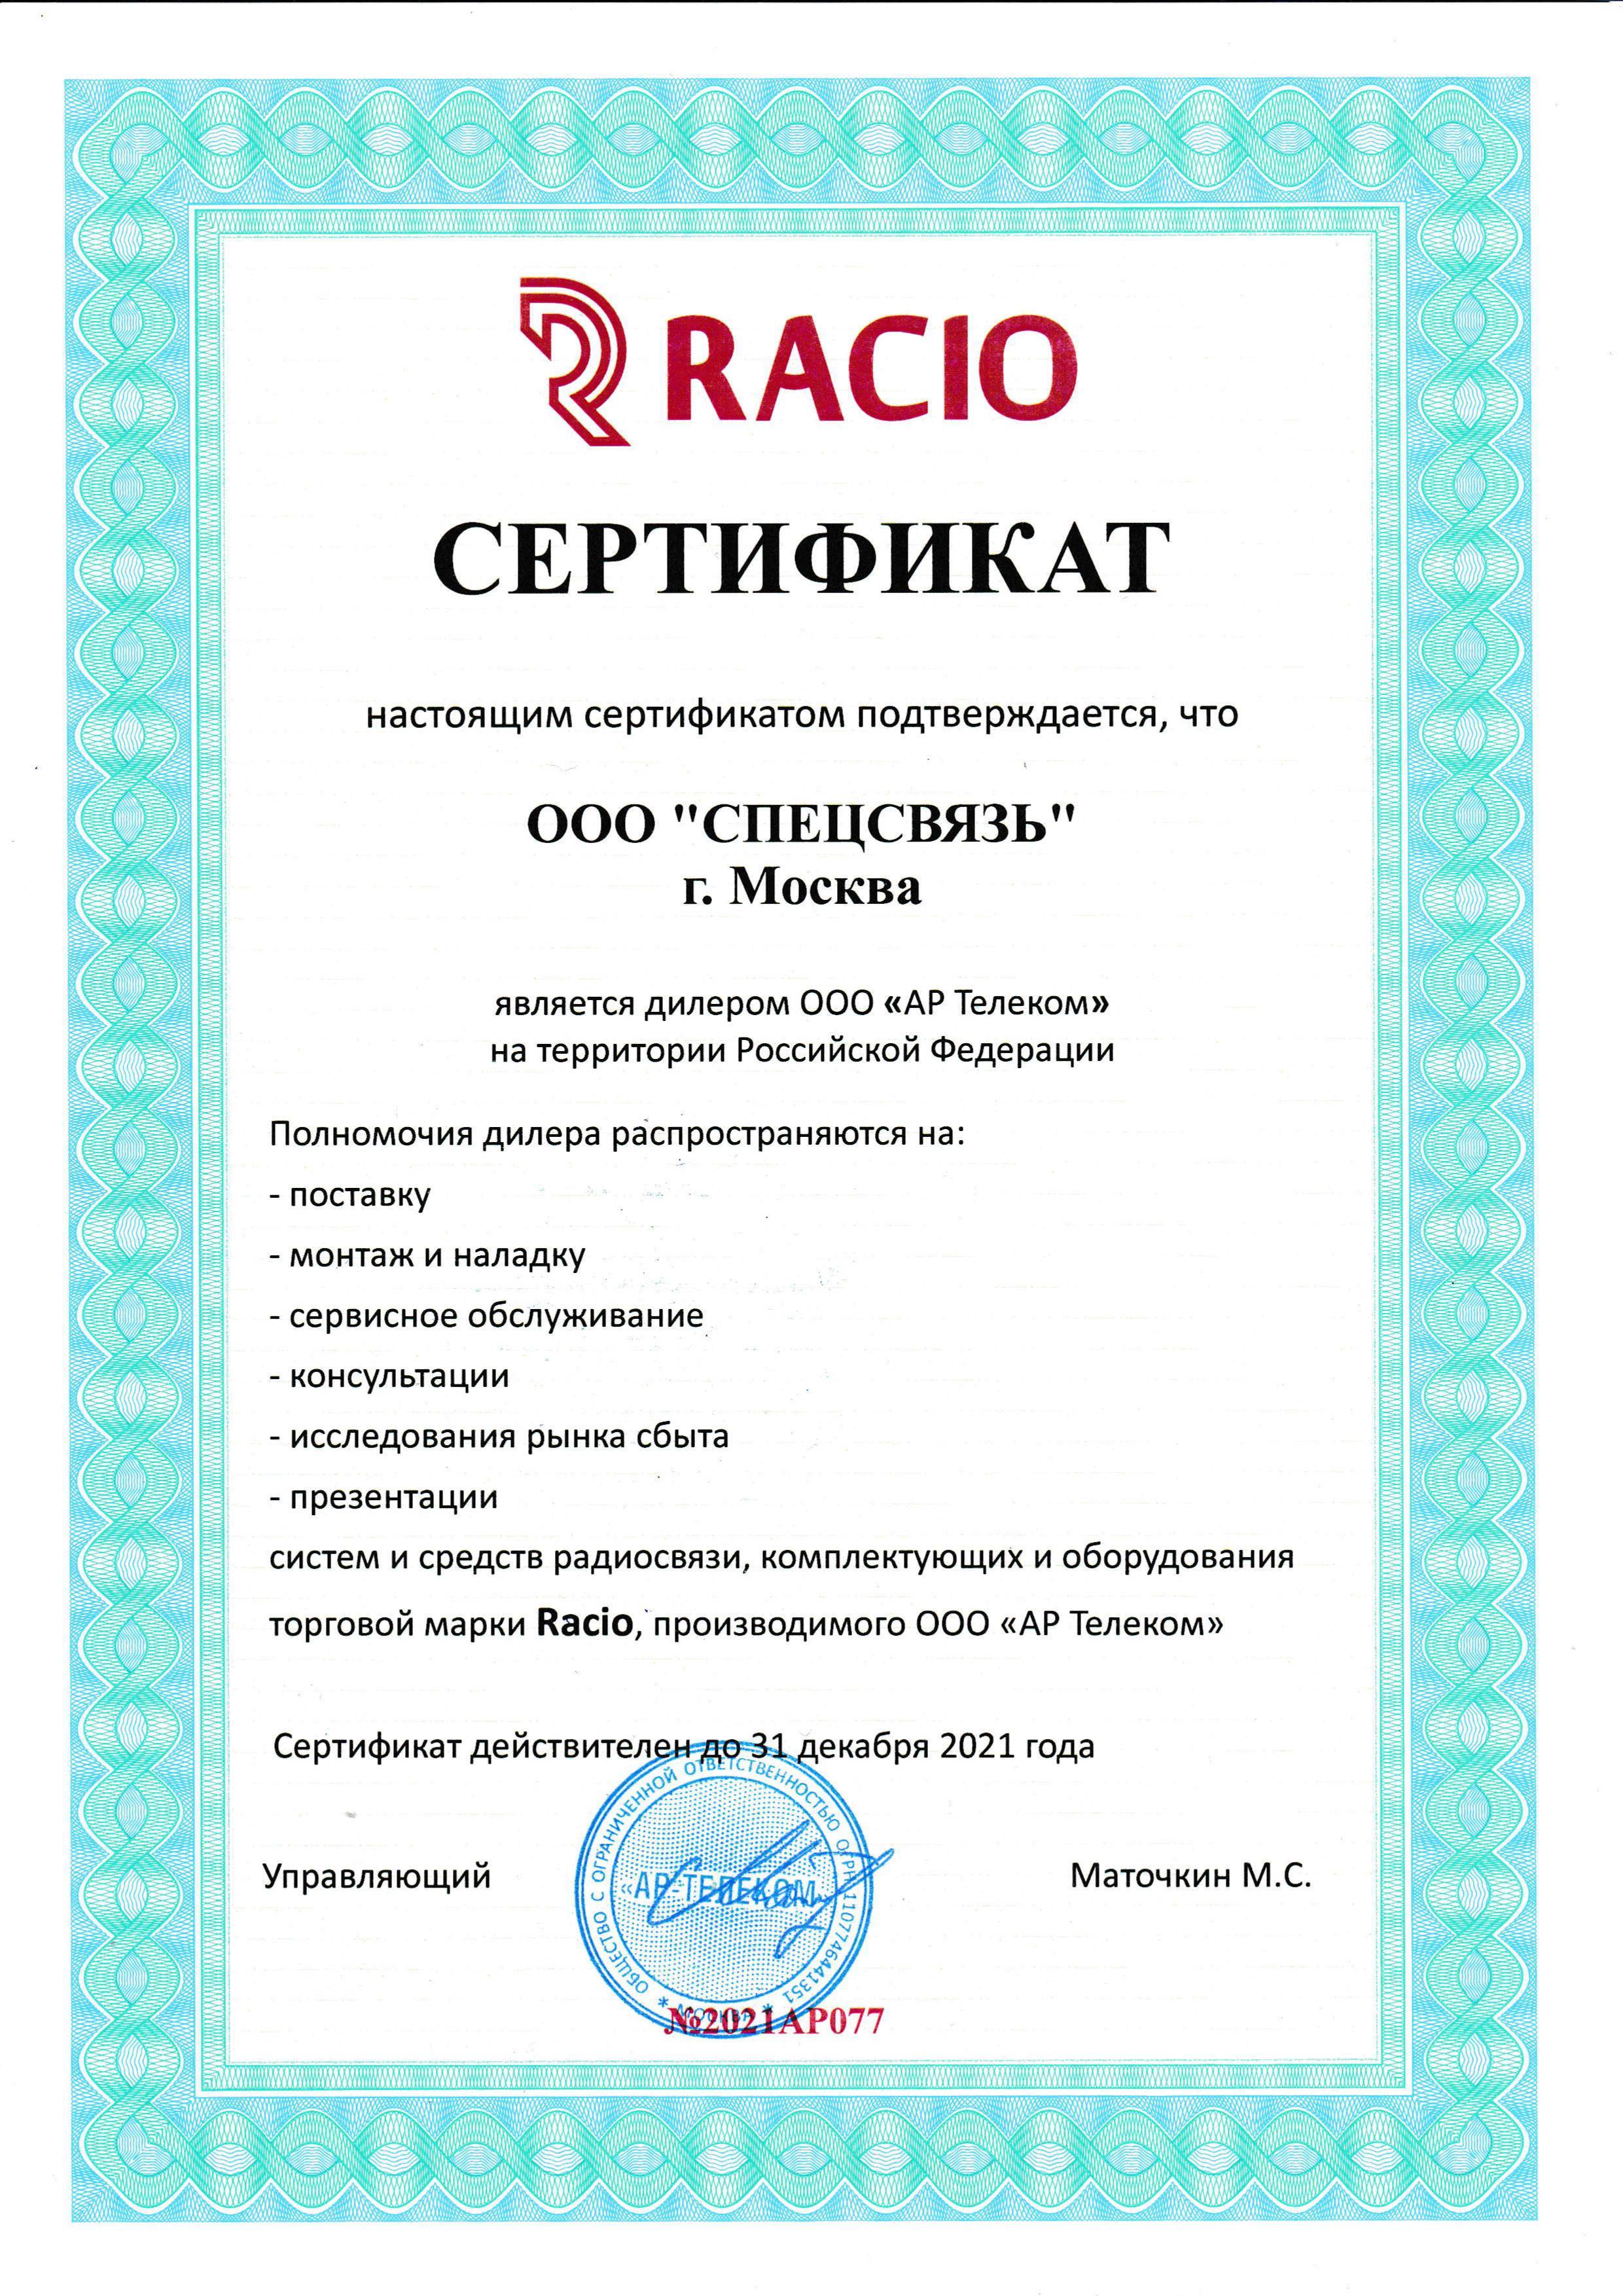 Сертификат дилера RACIO